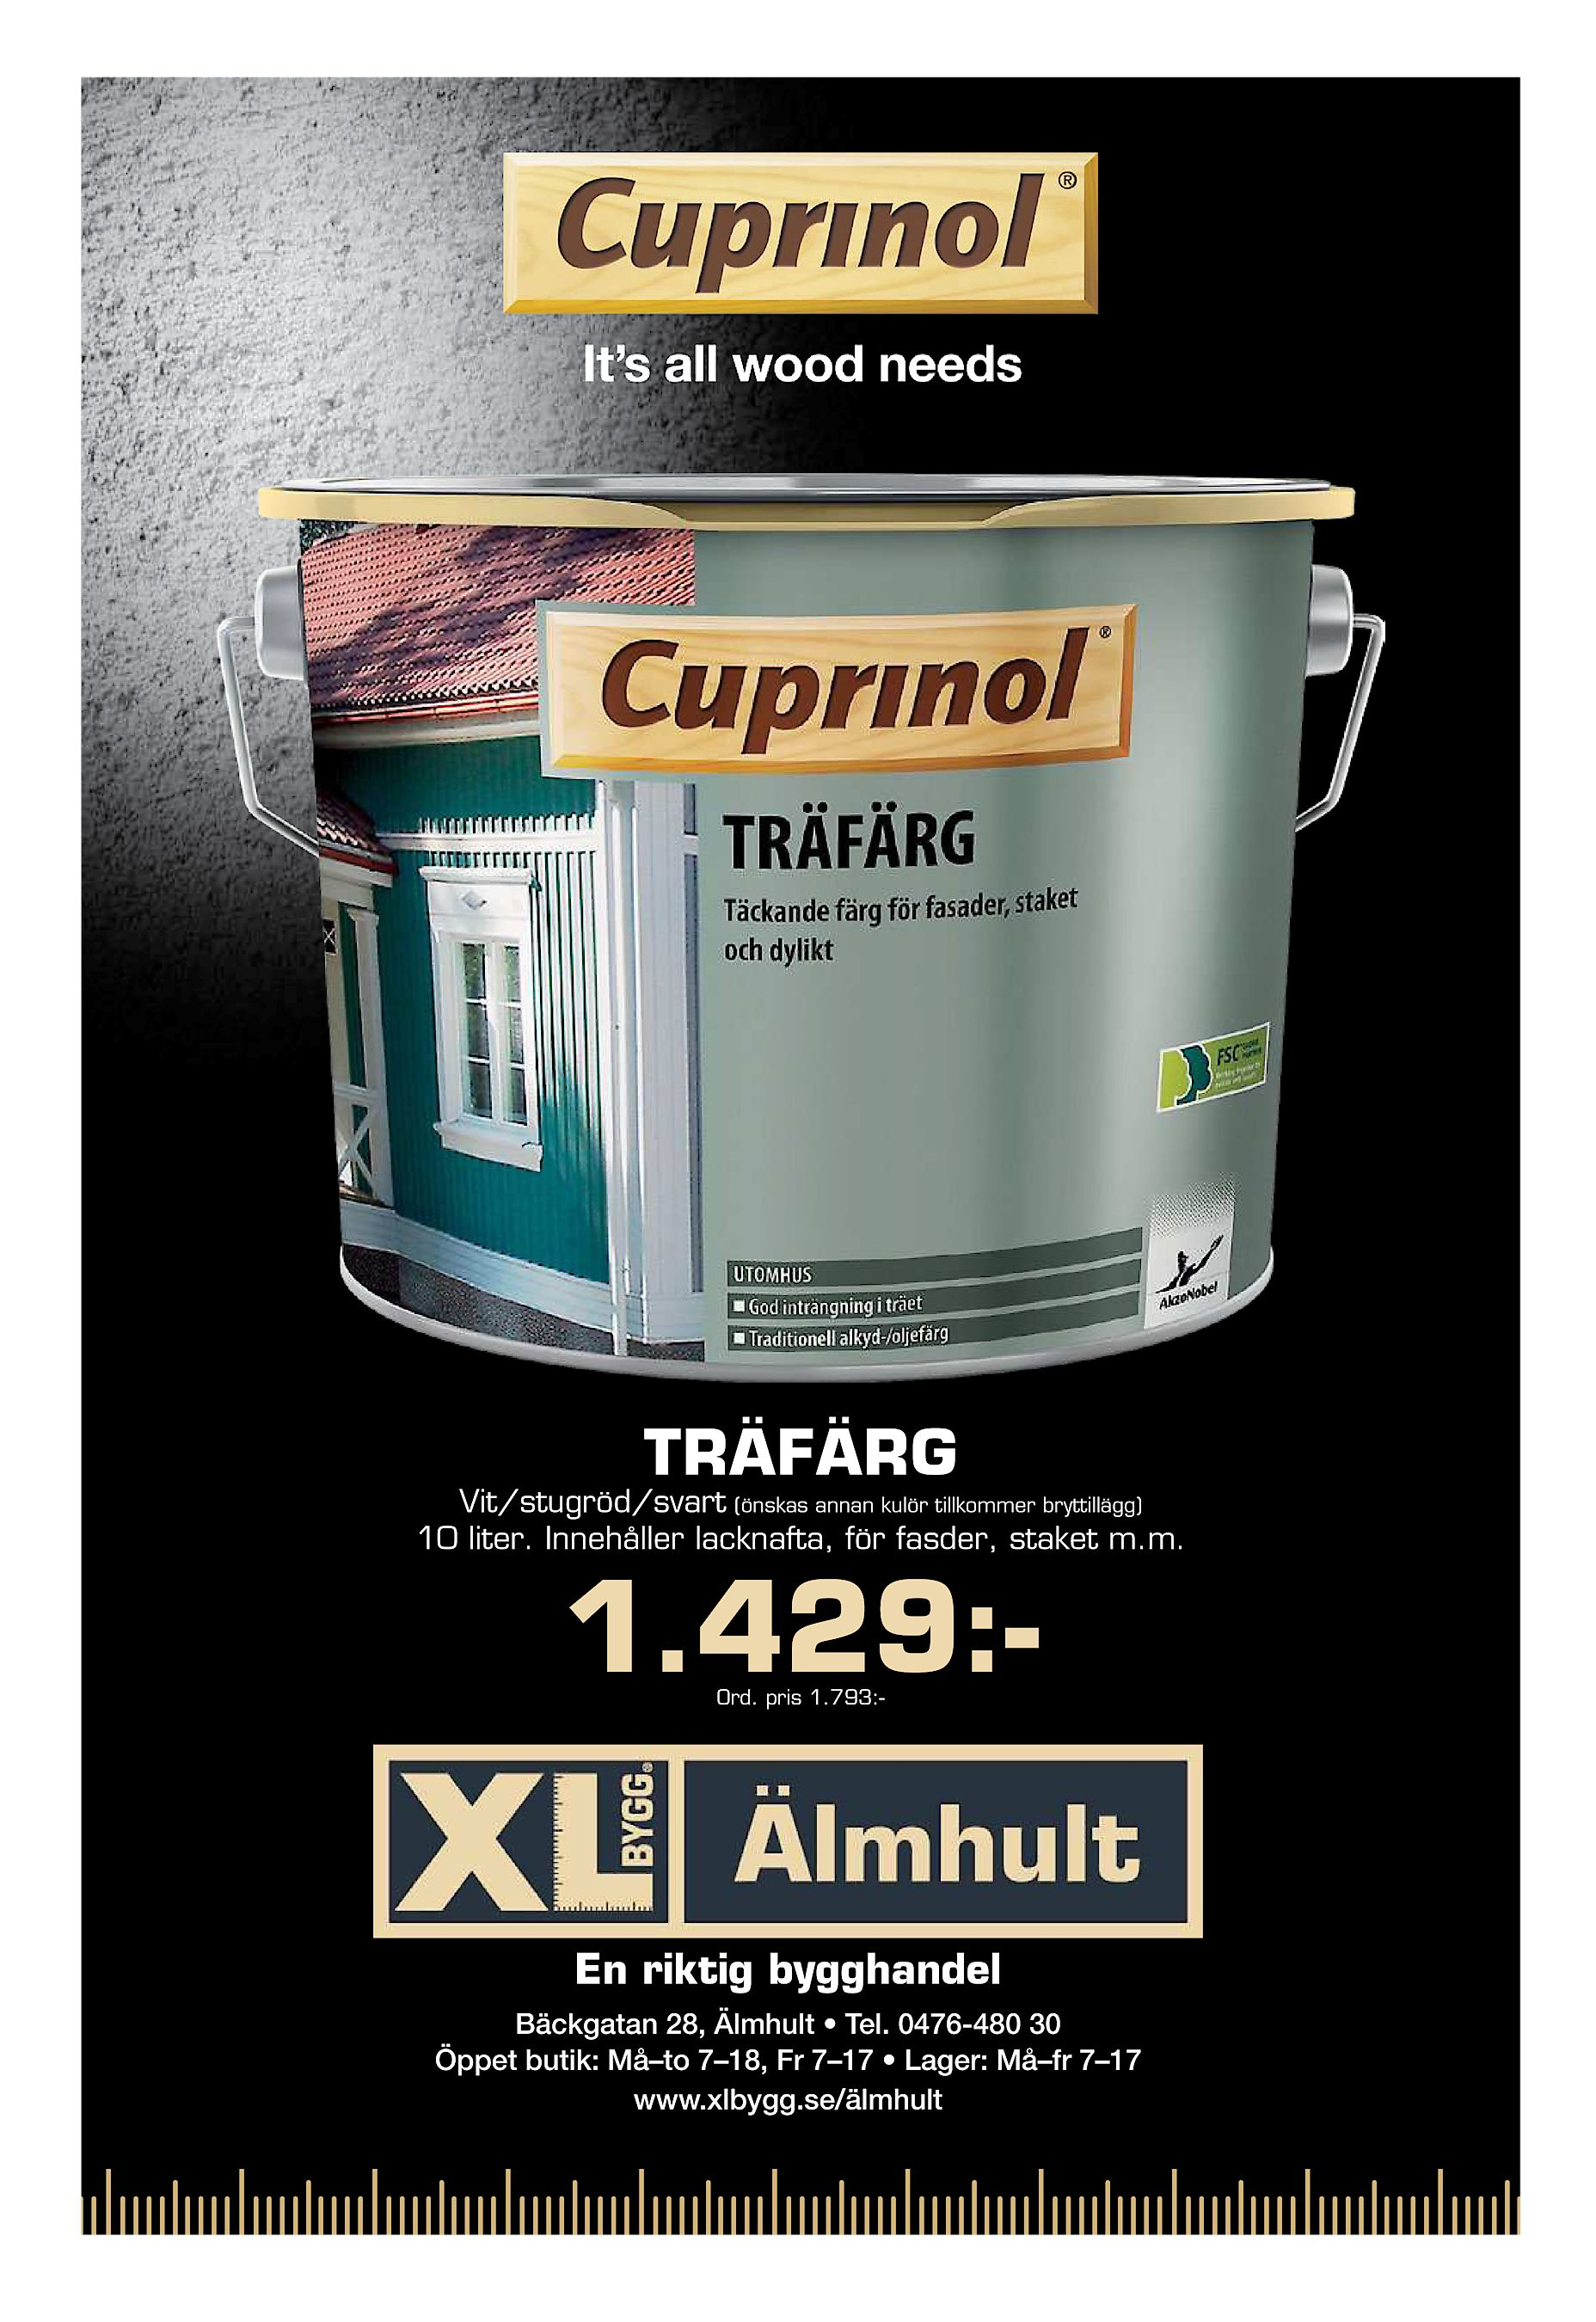 quality design 07f5a 28915 TRÄFÄRG Vit stugröd svart (önskas annan kulör tillkommer bryttillägg) 10  liter. Innehåller lacknafta, för fasder, staket m.m. 1.429 Ord. pris  1.793 - En ...